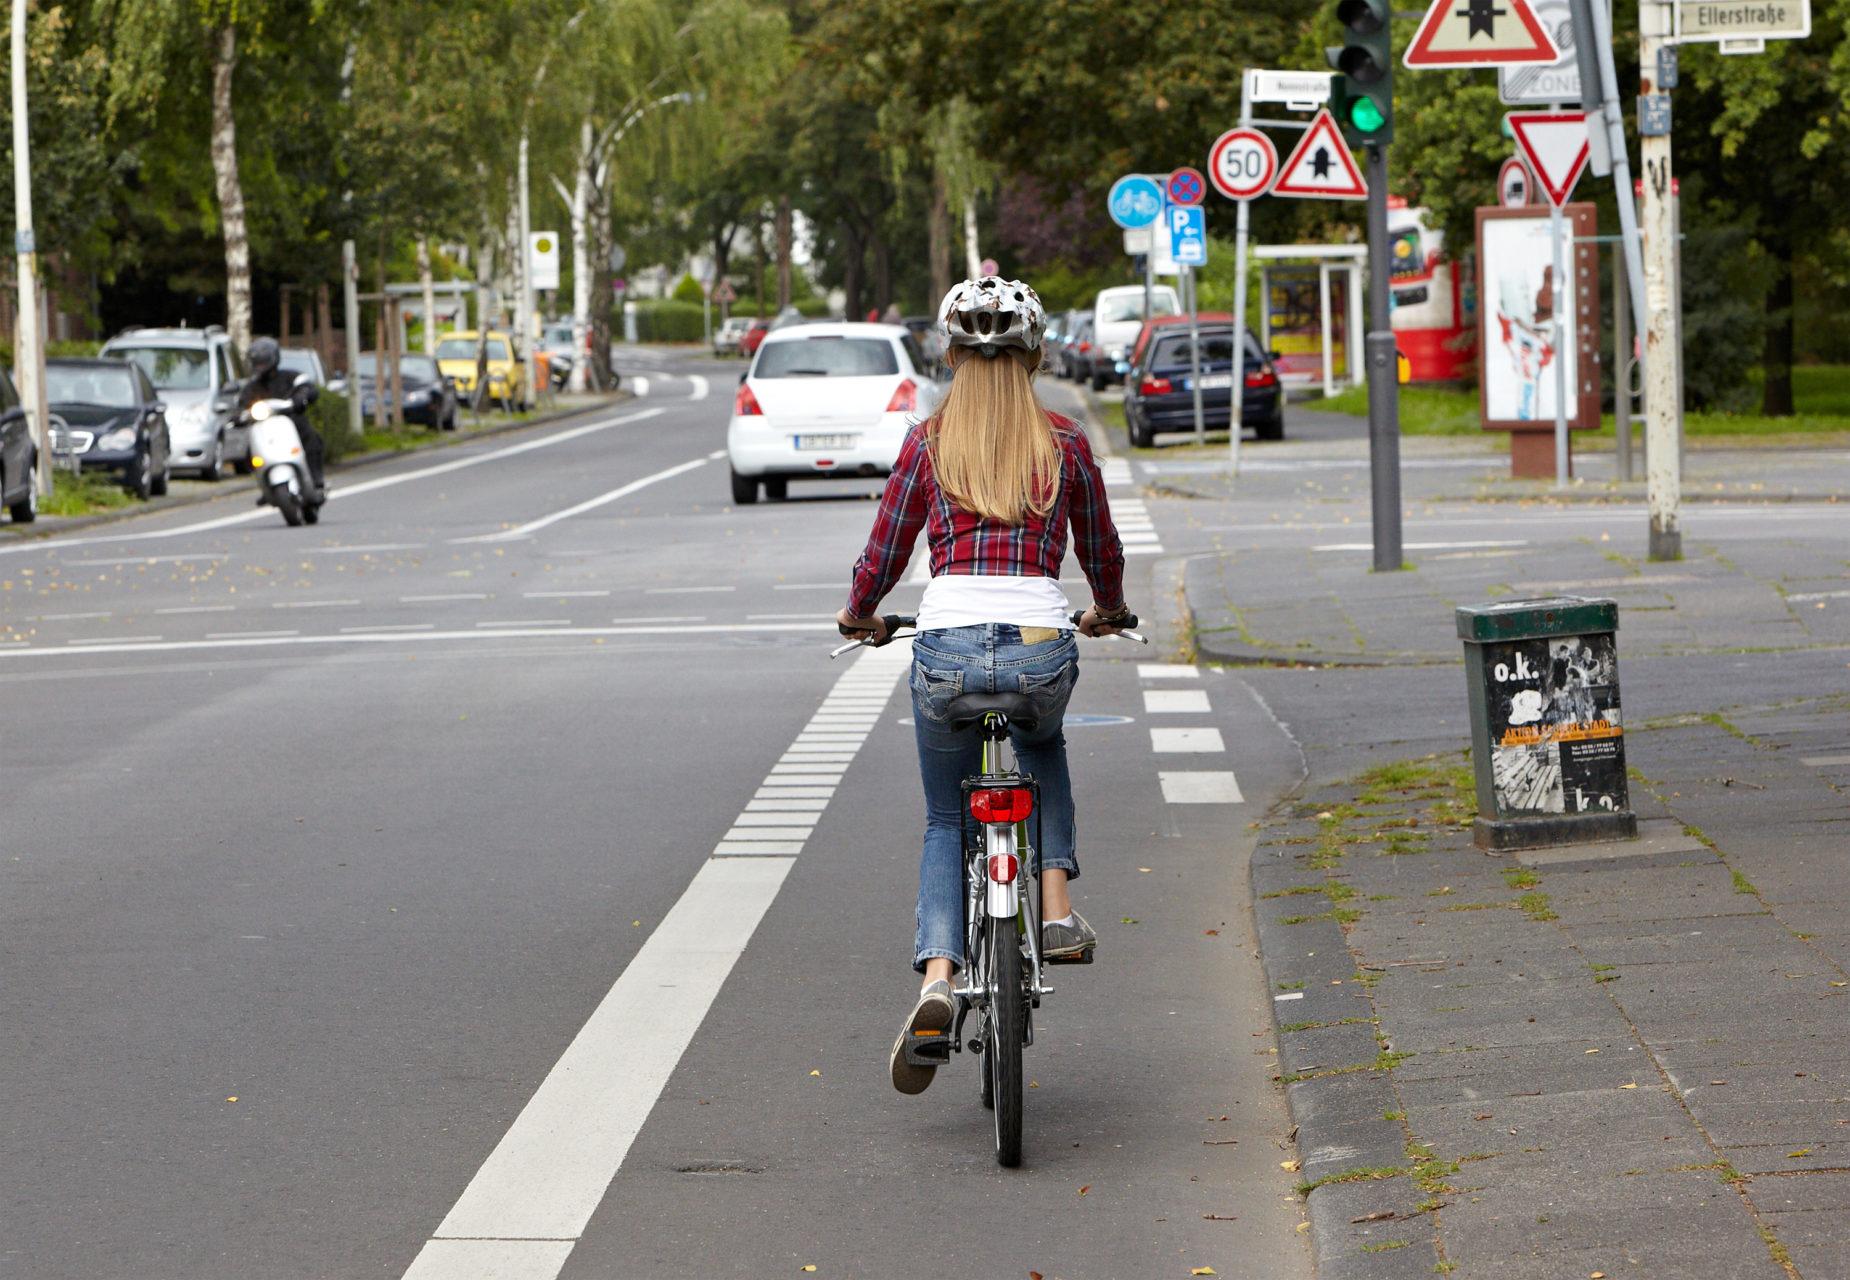 Fahrrad richtig welches ist verhalten Welches verhalten